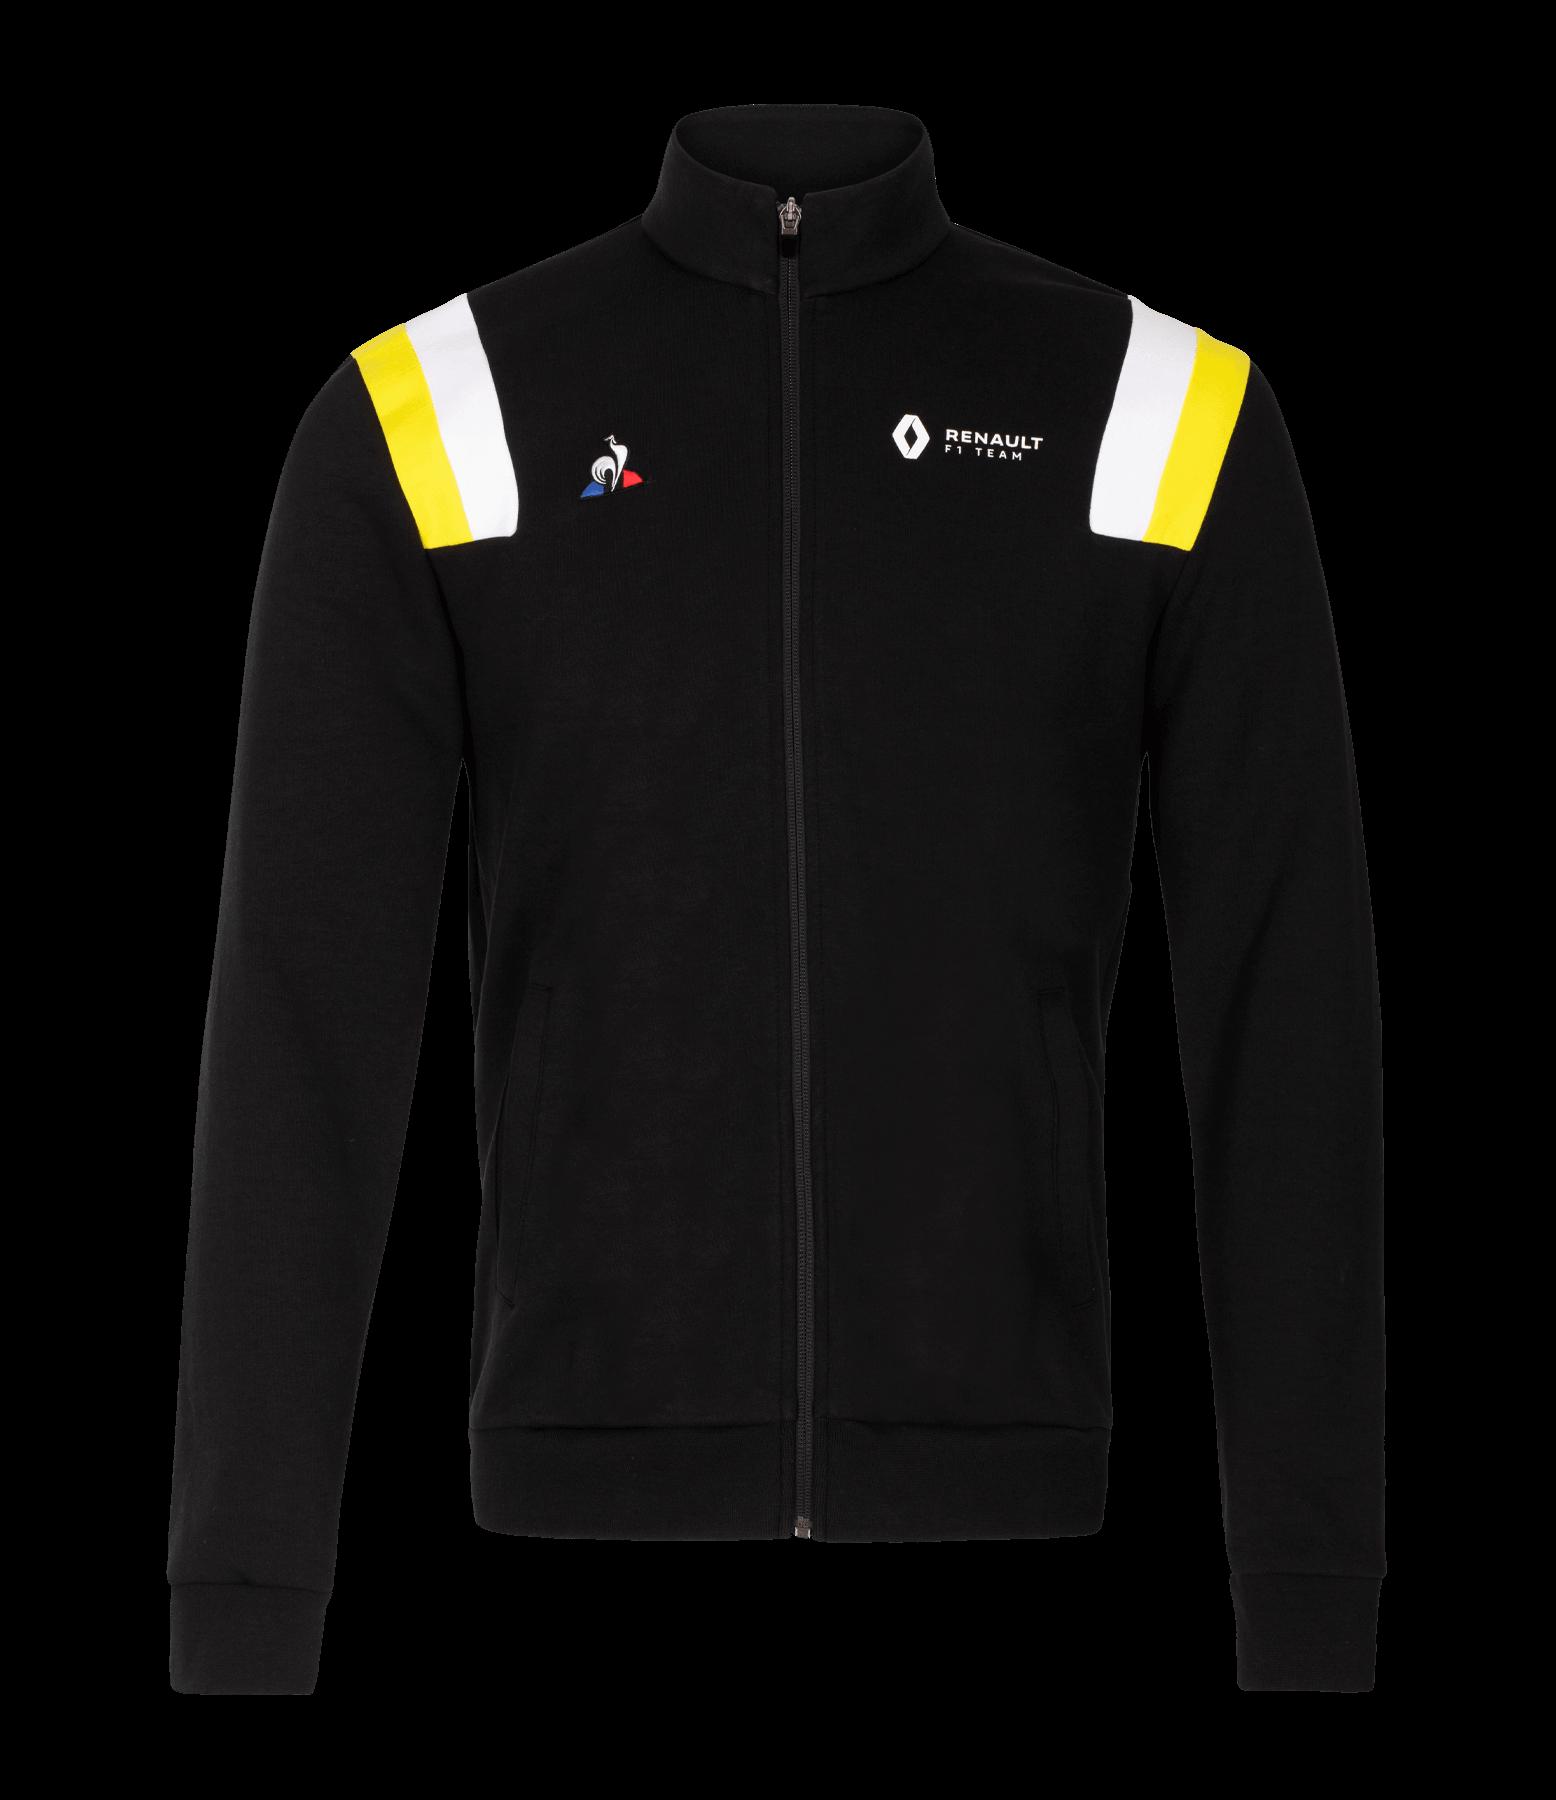 RENAULT F1® TEAM 2020 fan men's jacket - Black